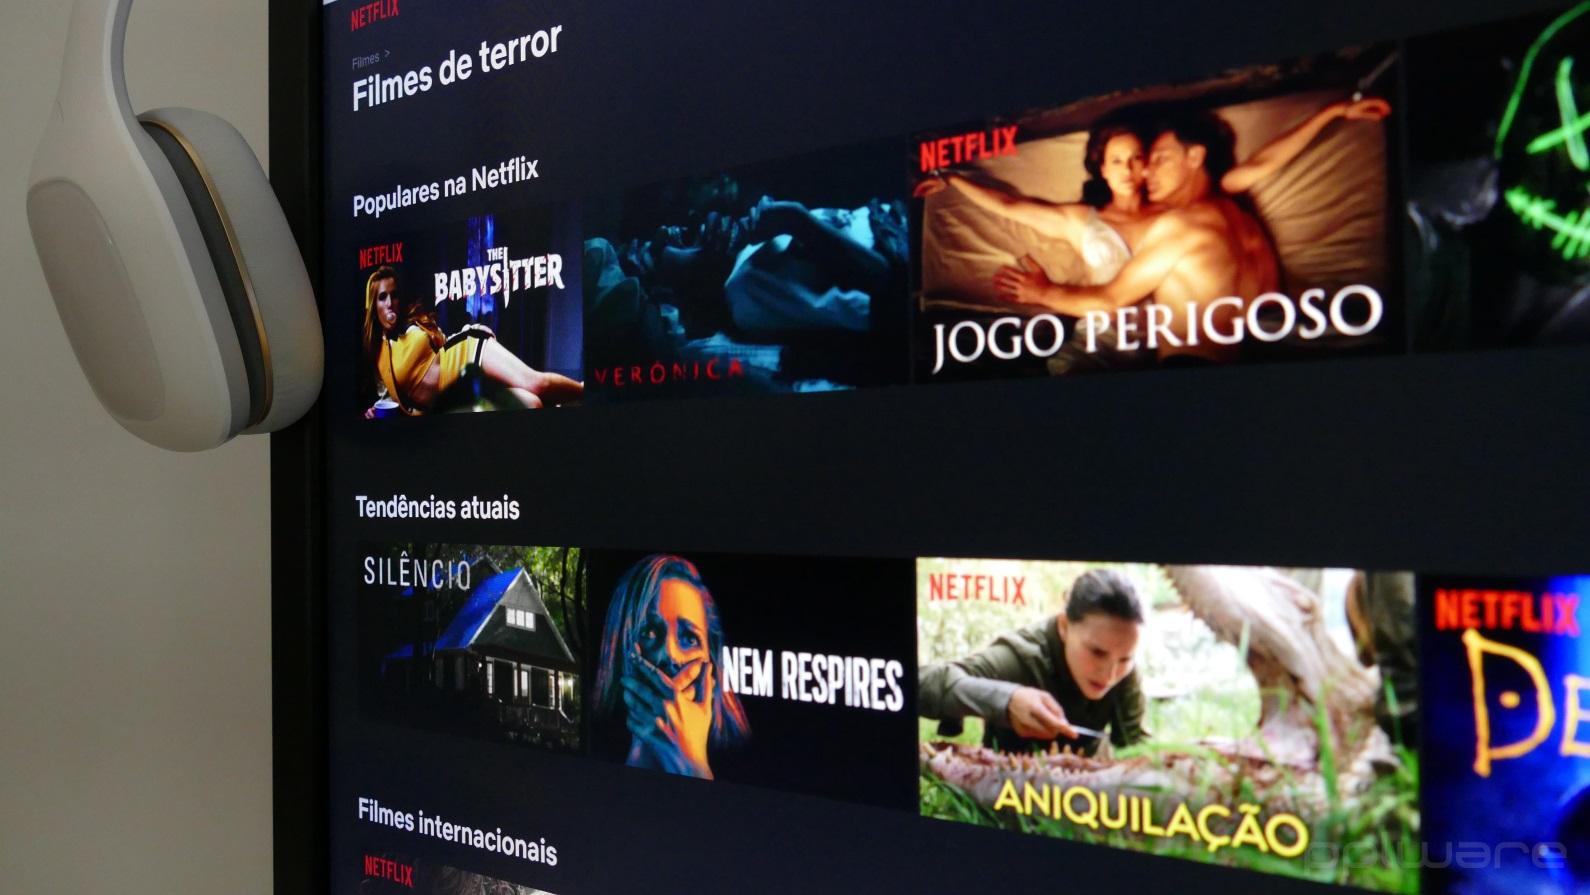 0df05f125dc 5 Filmes da Netflix que deve assistir - Pplware